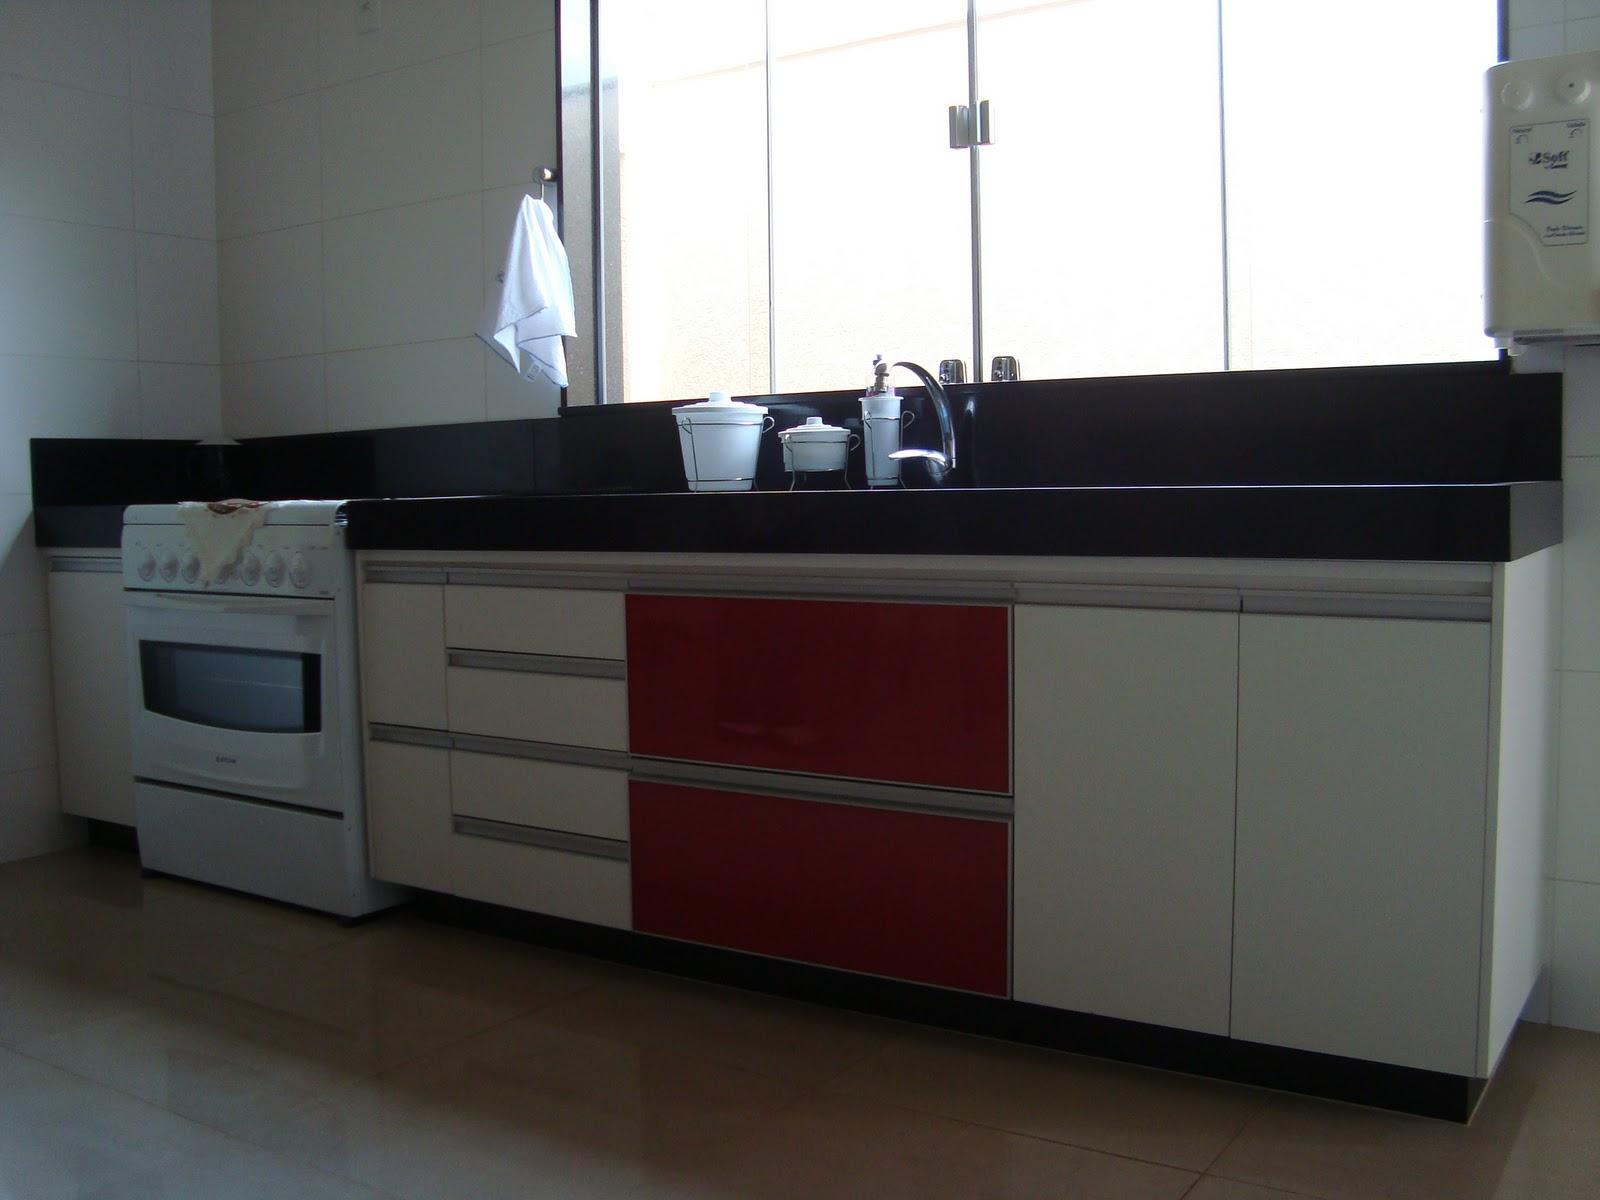 Cozinha Planejada Branca E Vermelha Como Usar Vermelho Na Cozinha